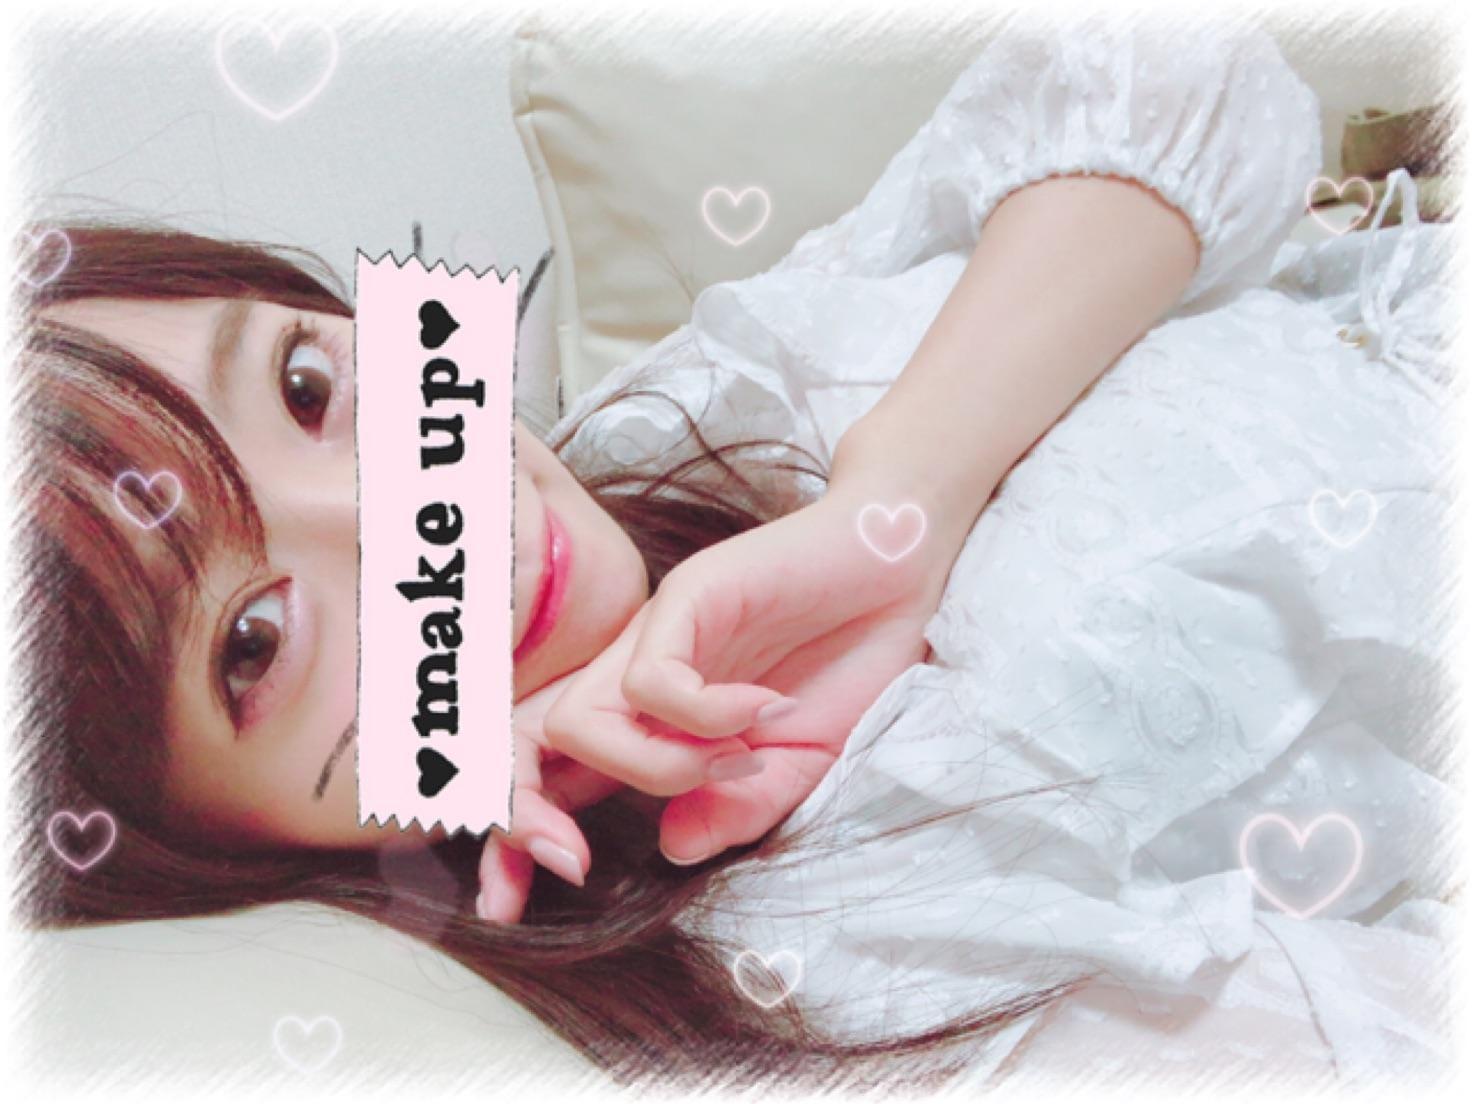 「待ち遠しい♡」02/26(火) 19:15 | まいの写メ・風俗動画